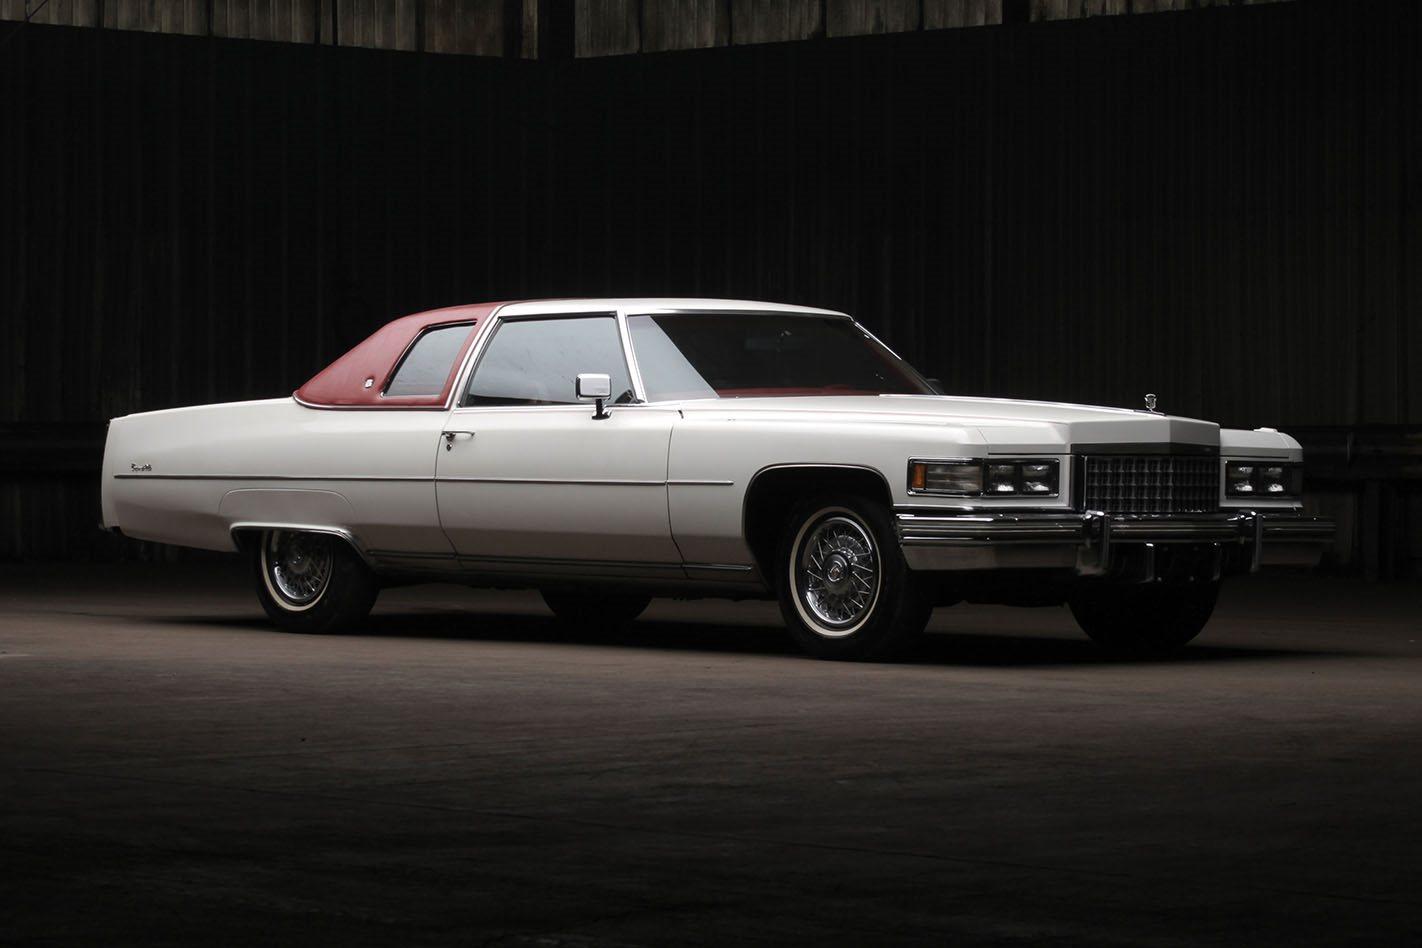 Retro: 1976 Cadillac Coupe deVille